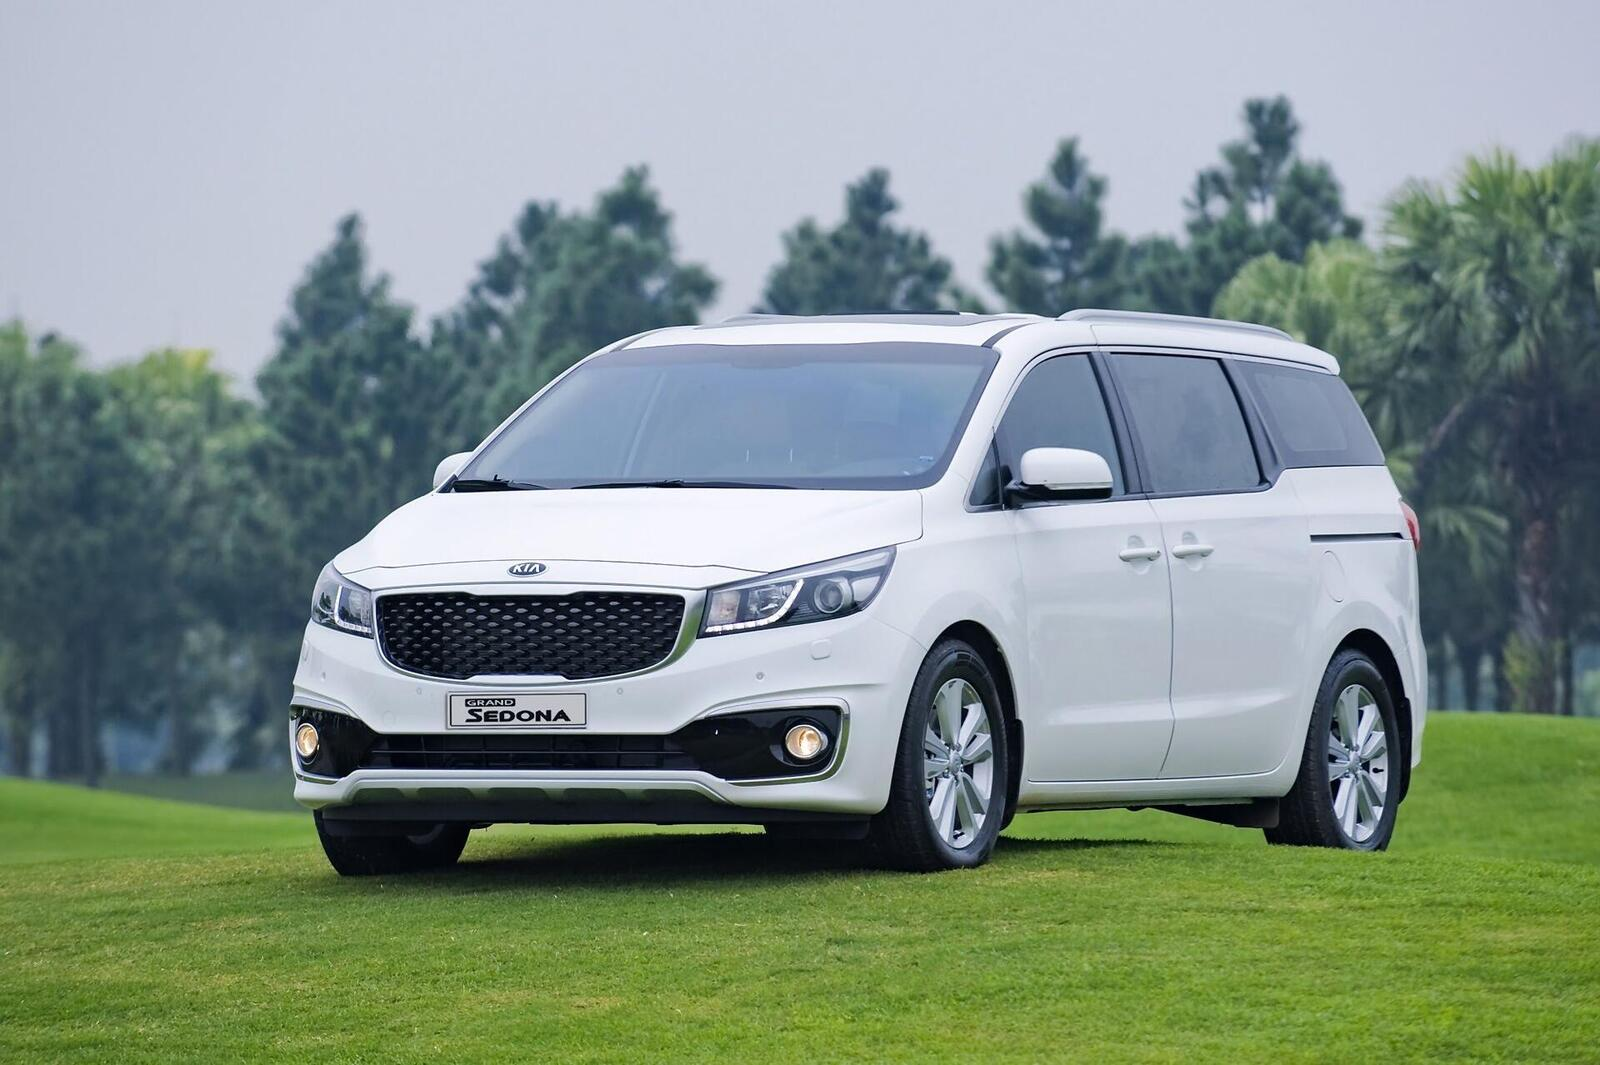 10 mẫu ôtô rẻ nhất theo từng phân khúc tại Việt Nam - Hình 11